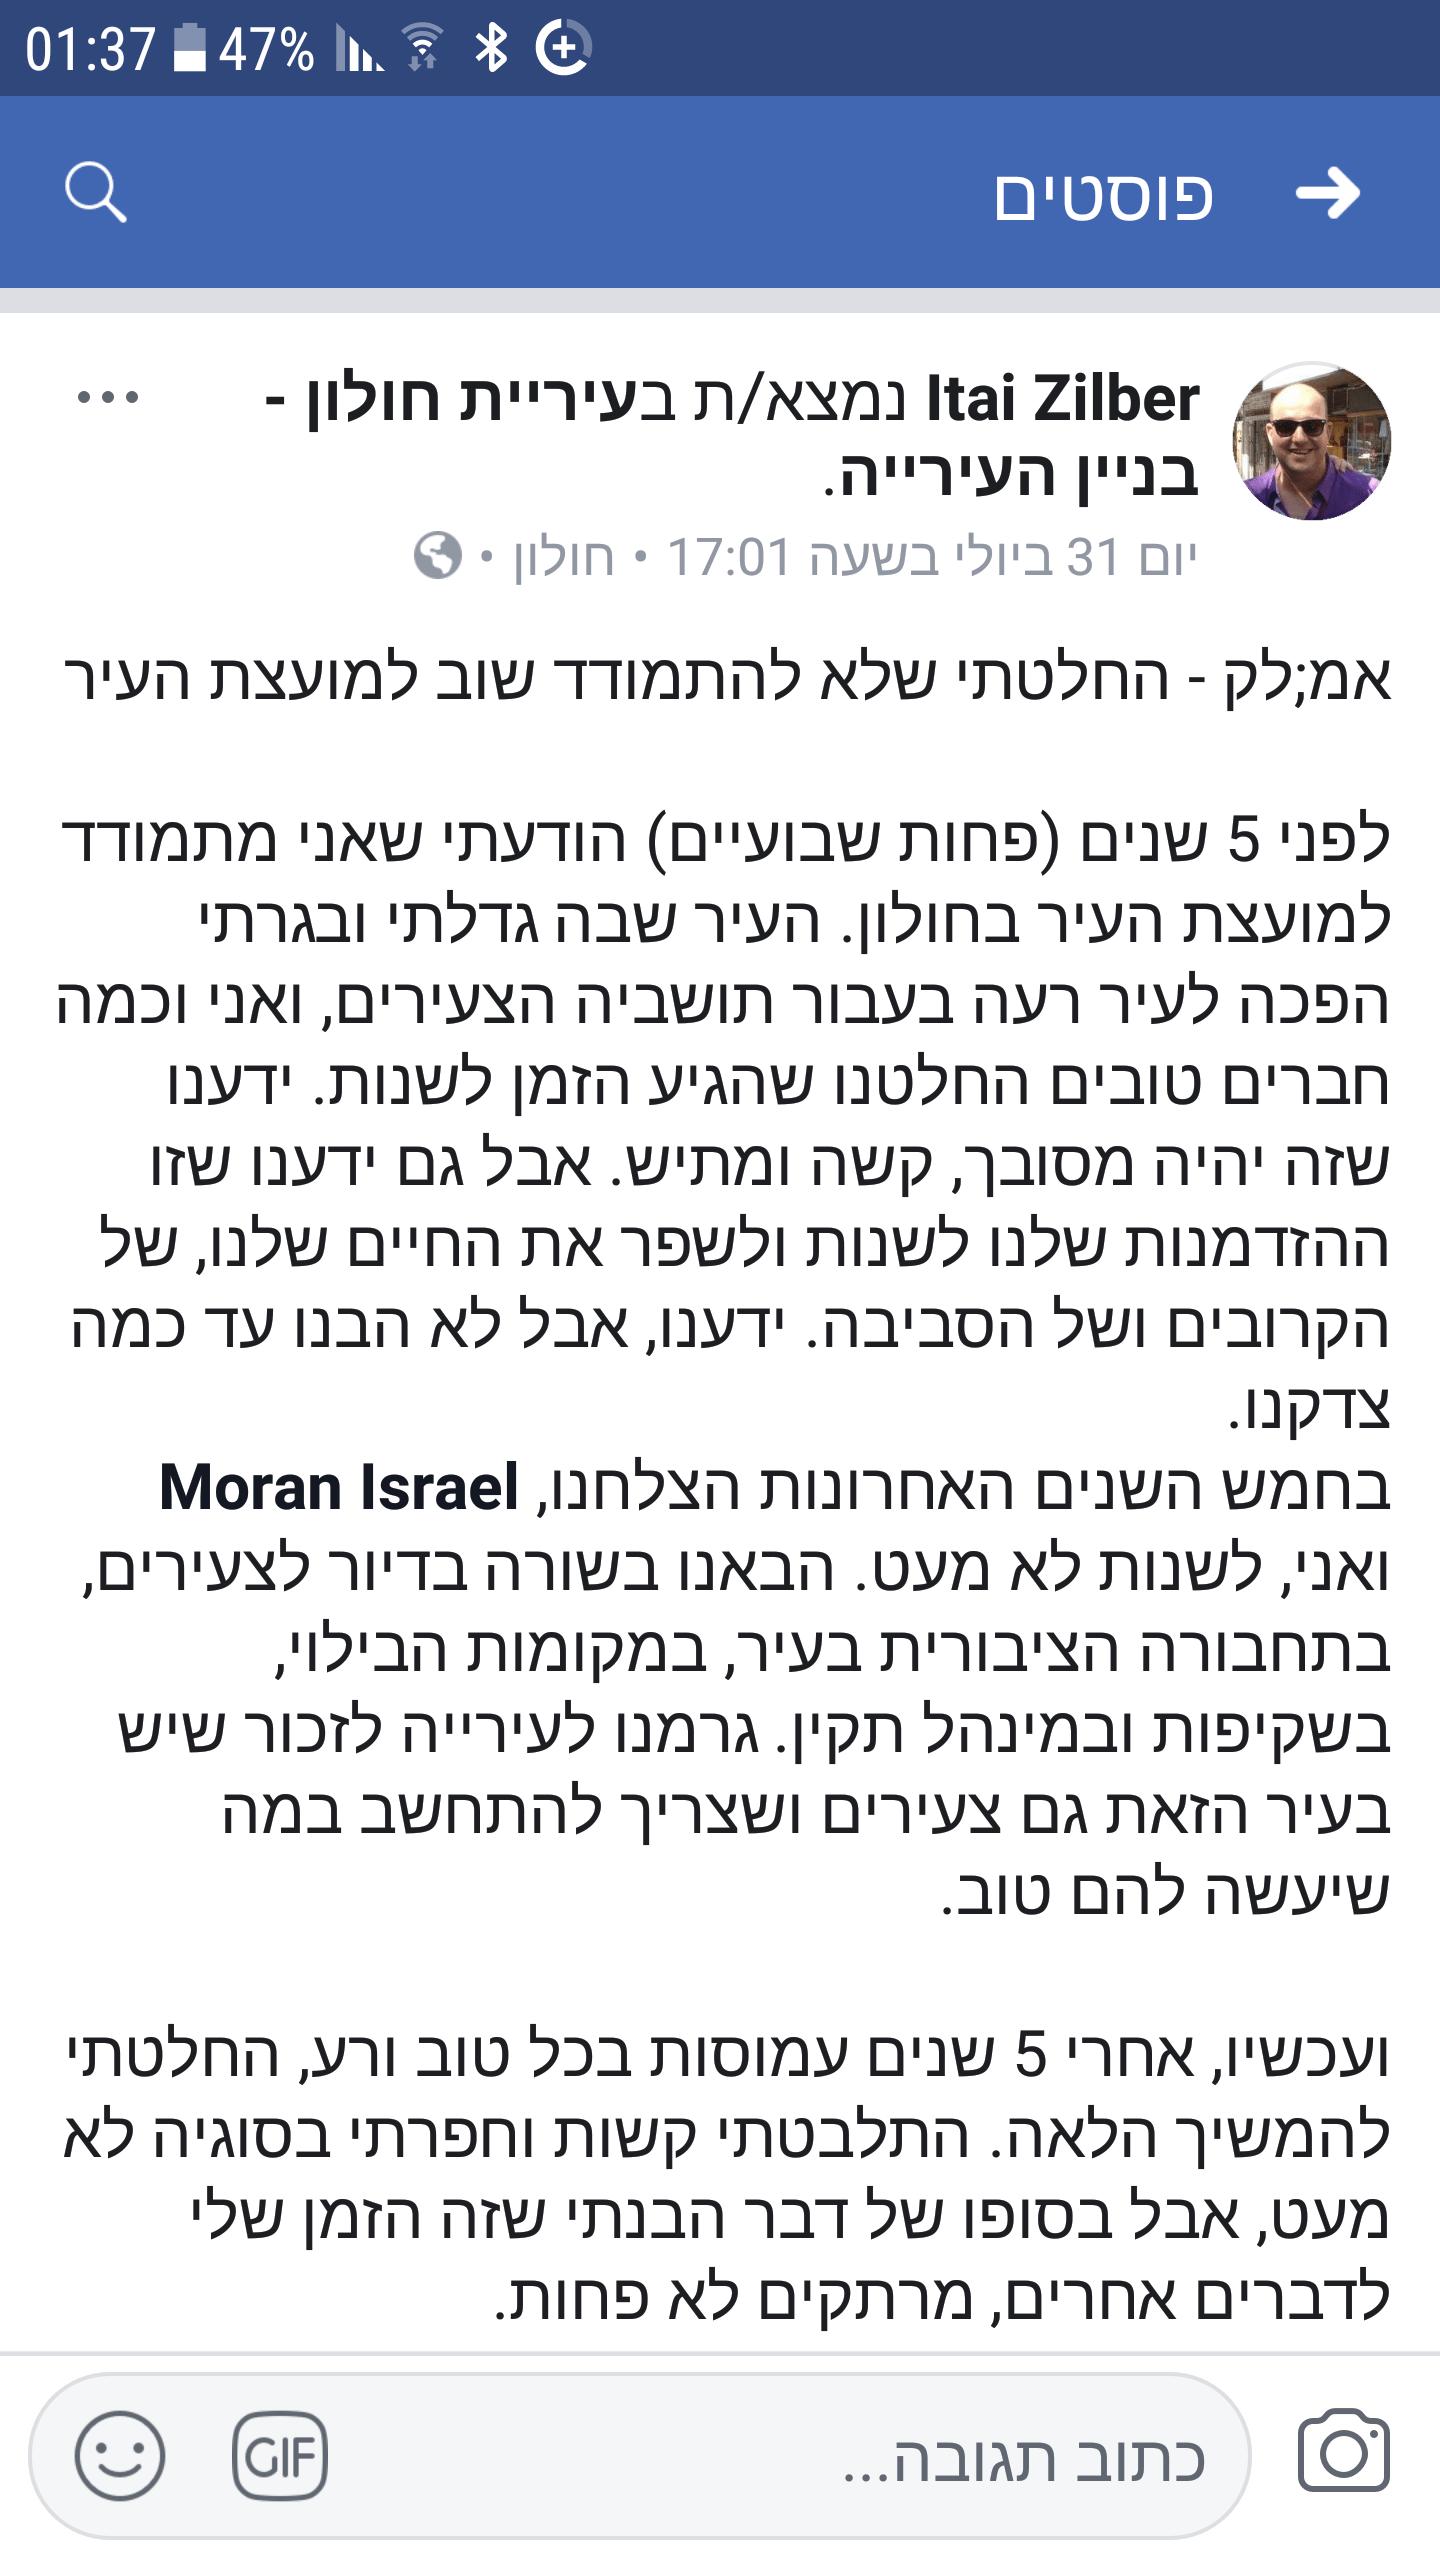 הפוסט של זילבר, צילום מסך